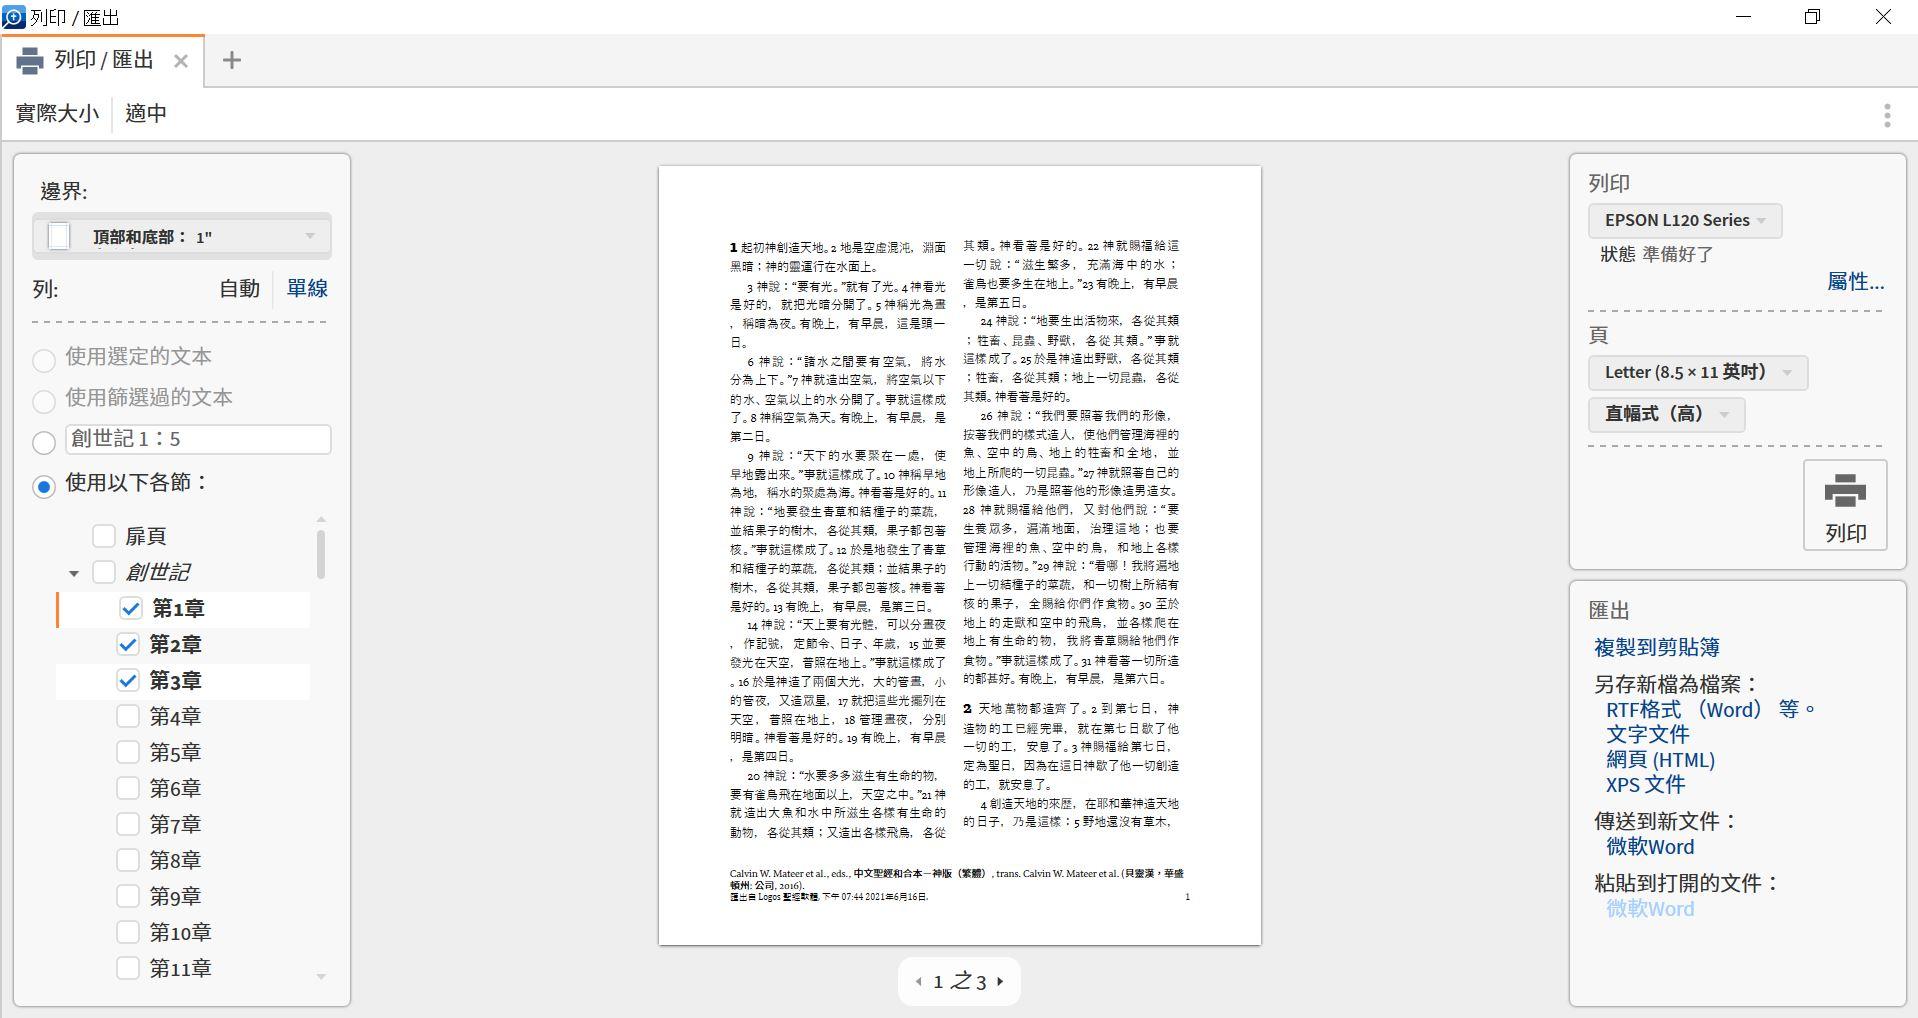 Screen_Shot_2019-09-17_at_1.11.55_PM.png